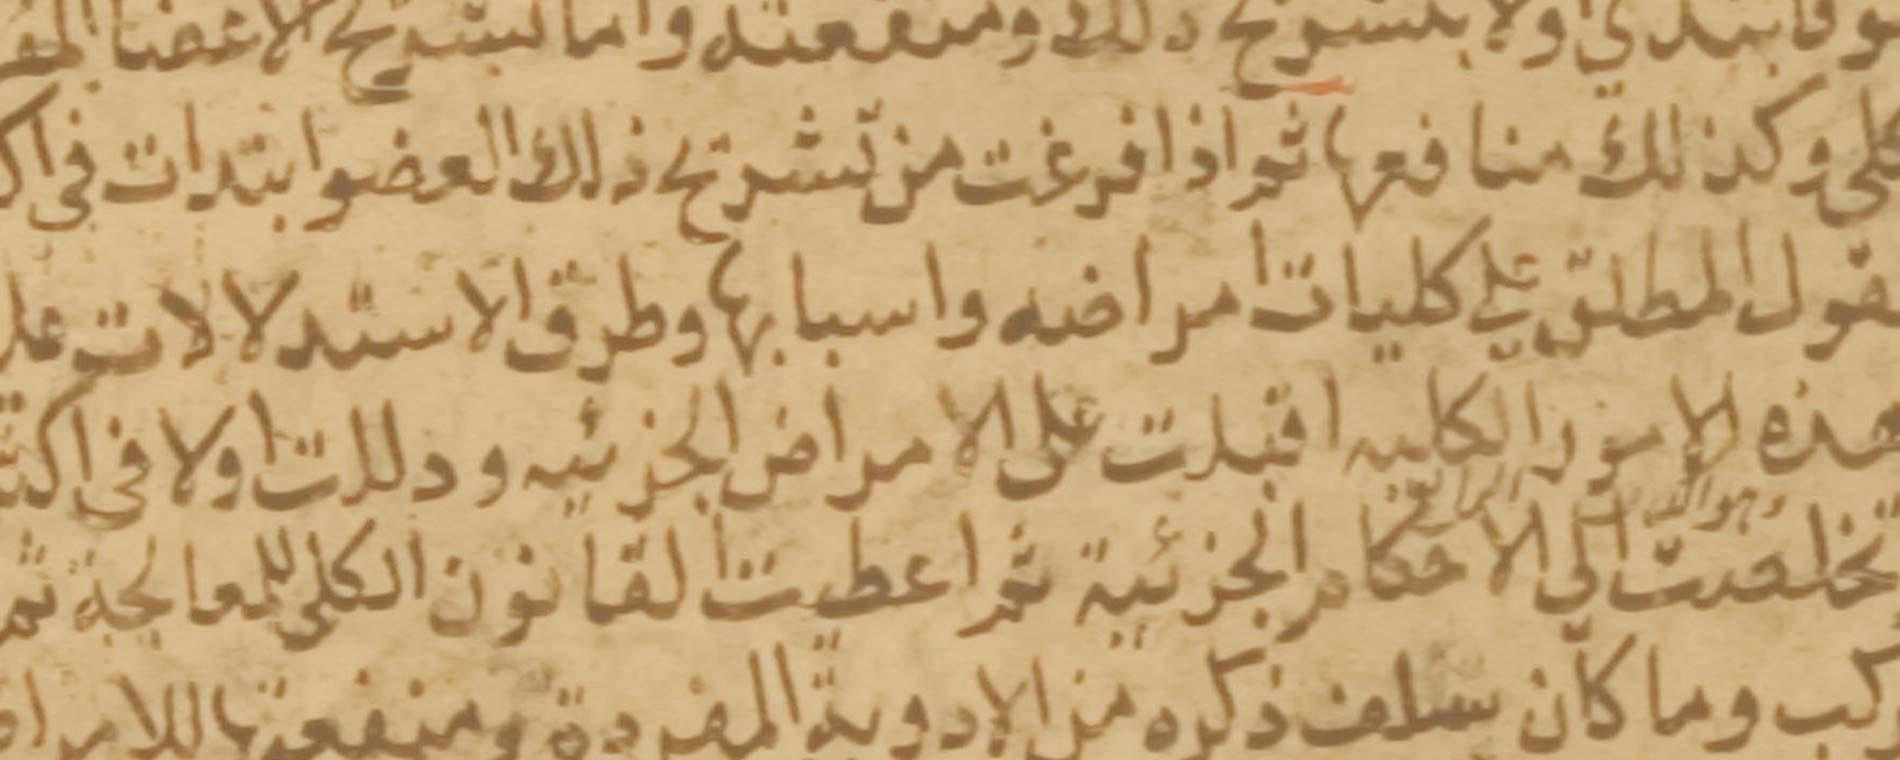 Taller de árabe para investigadores